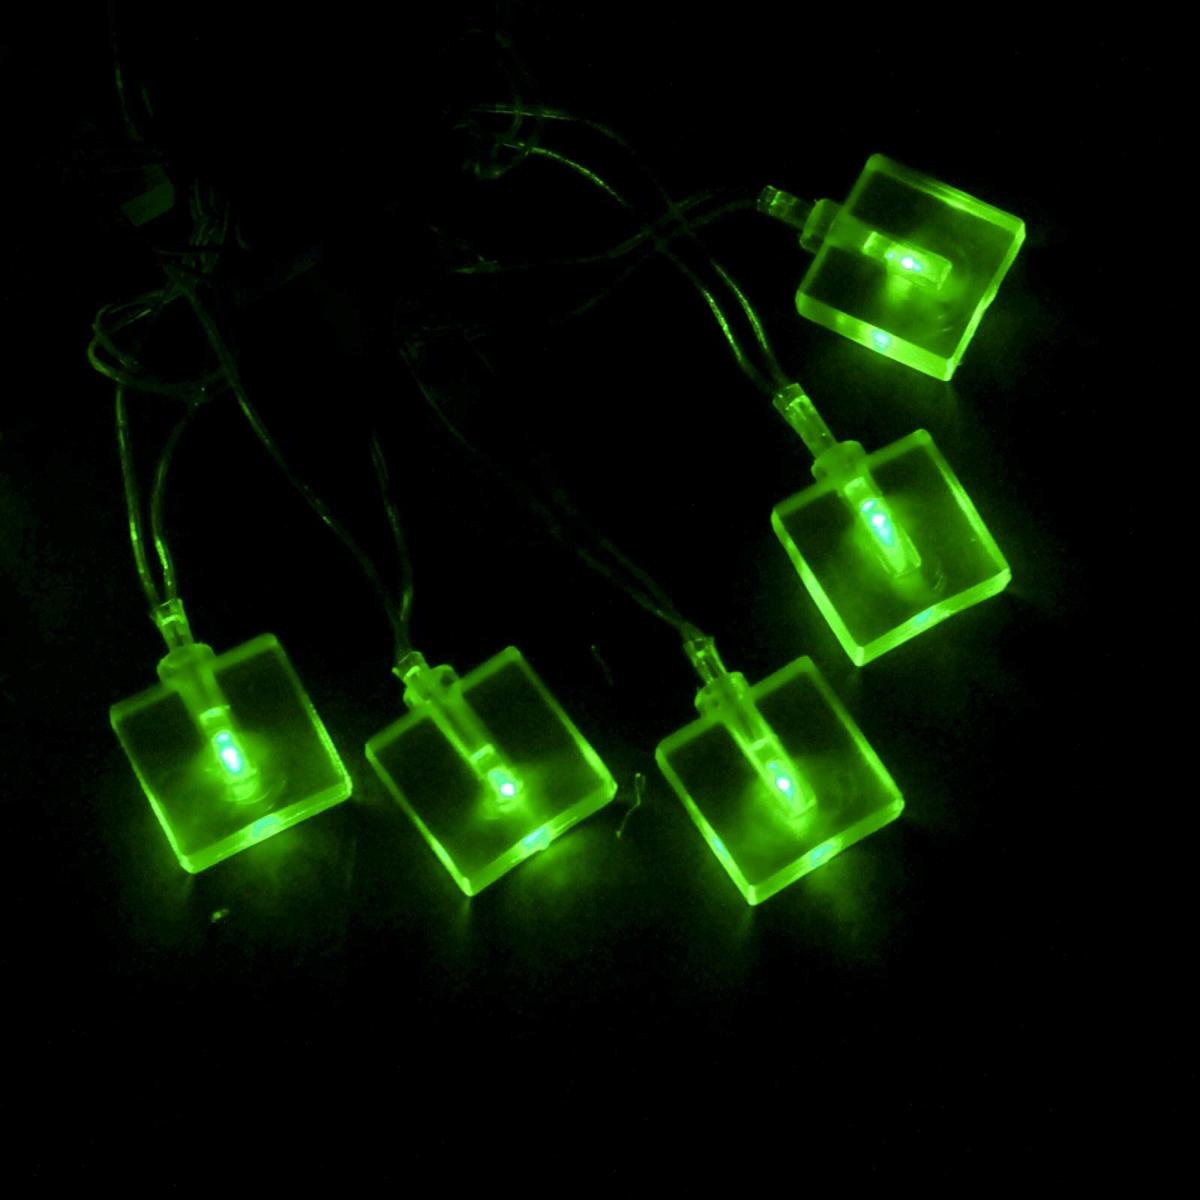 Гирлянда светодиодная Sima-land Метраж. Кубики, цвет: зеленый, 70 ламп, 8 режимов, 220 V, длина 10 м. 676367676367Светодиодные гирлянды и ленты - это отличный вариант для новогоднего оформления интерьера или фасада. С их помощью помещение любого размера можно превратить в праздничный зал, а внешние элементы зданий, украшенные ими, мгновенно станут напоминать очертания сказочного дворца. Такие украшения создают ауру предвкушения чуда. Деревья, фасады, витрины, окна и арки будто специально созданы, чтобы вы украсили их светящимися нитями.